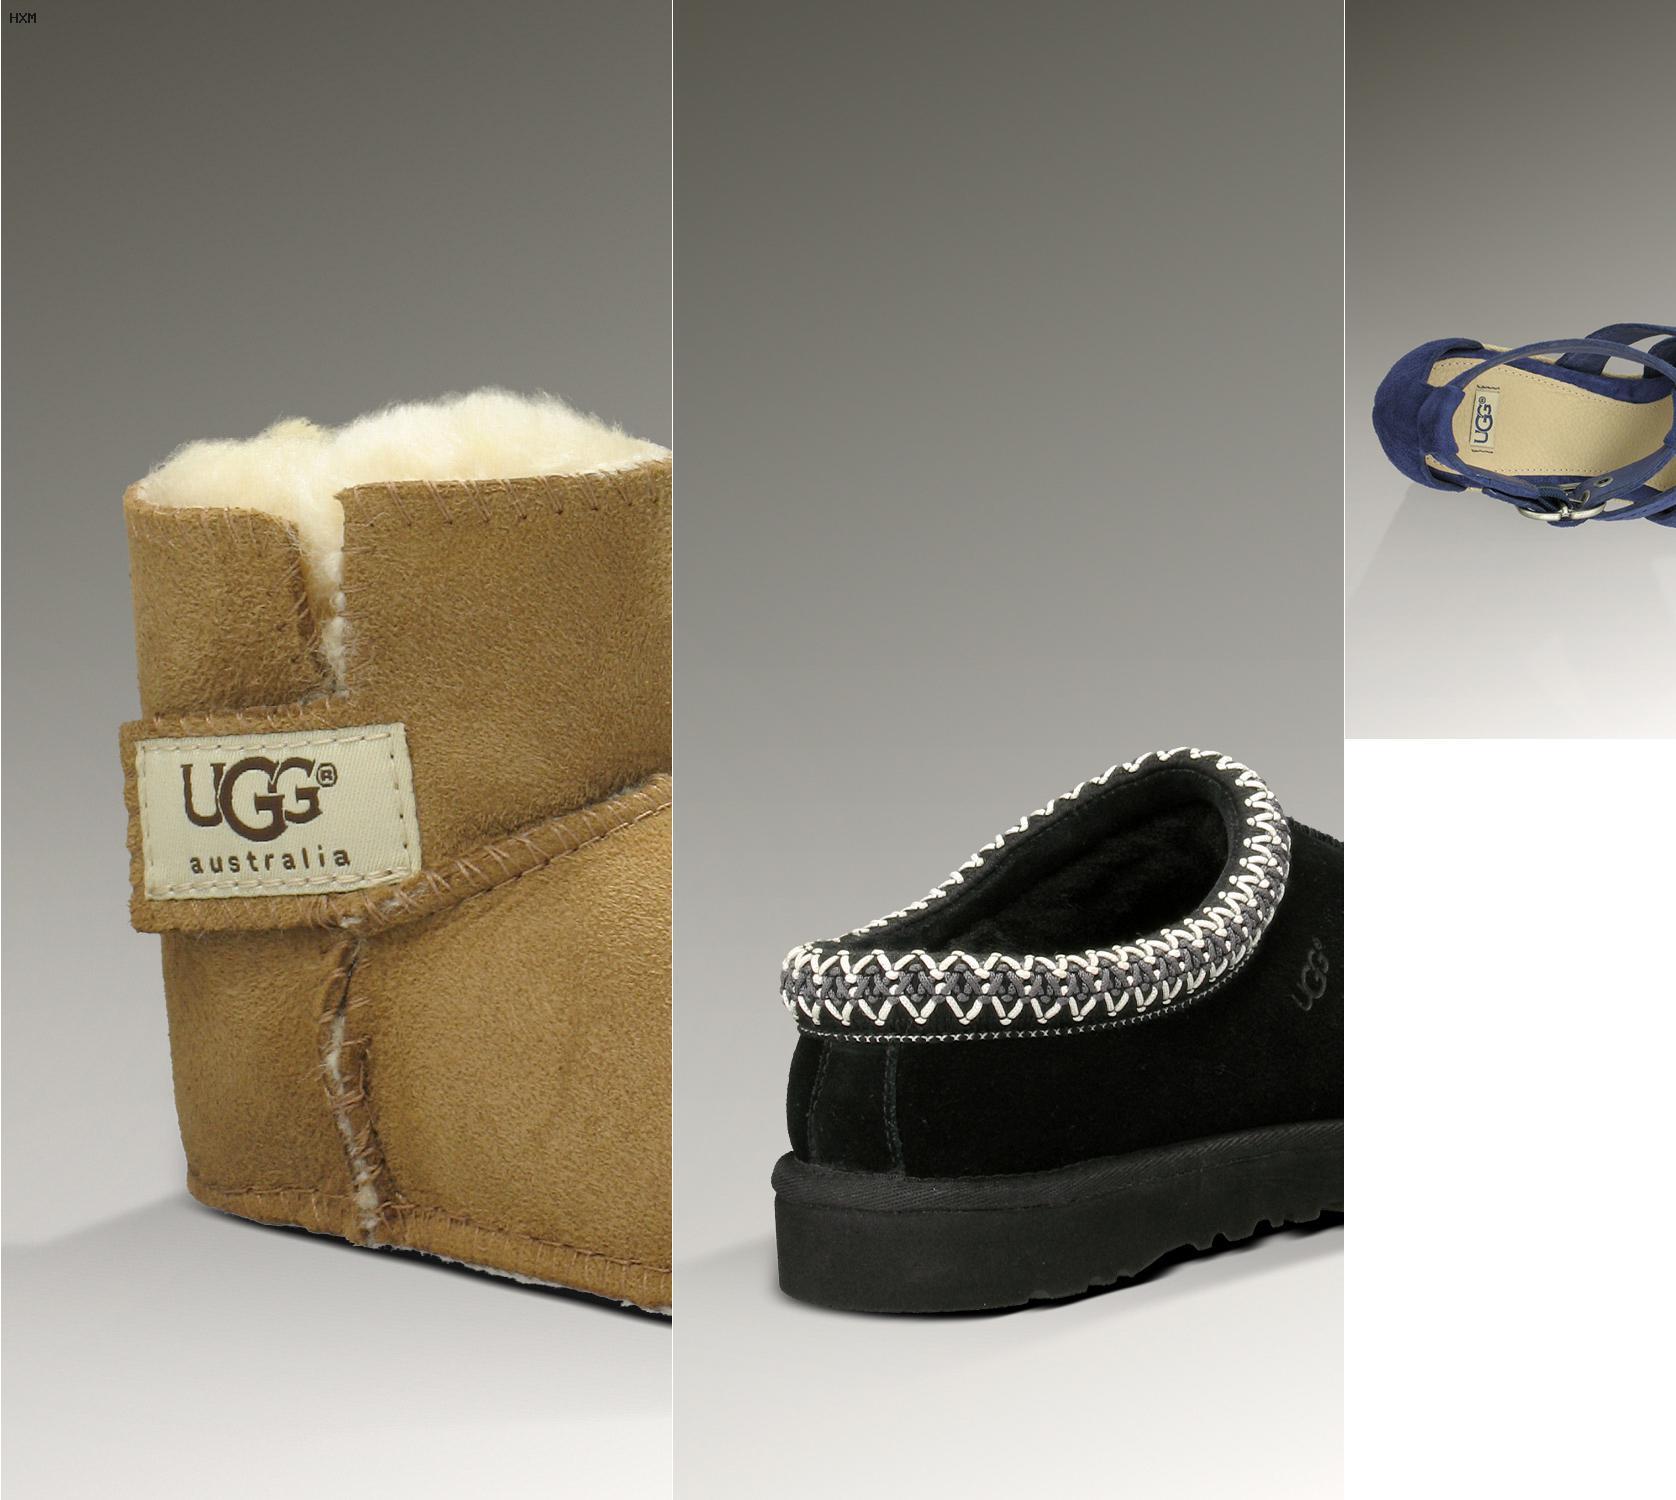 ofertas en botas ugg